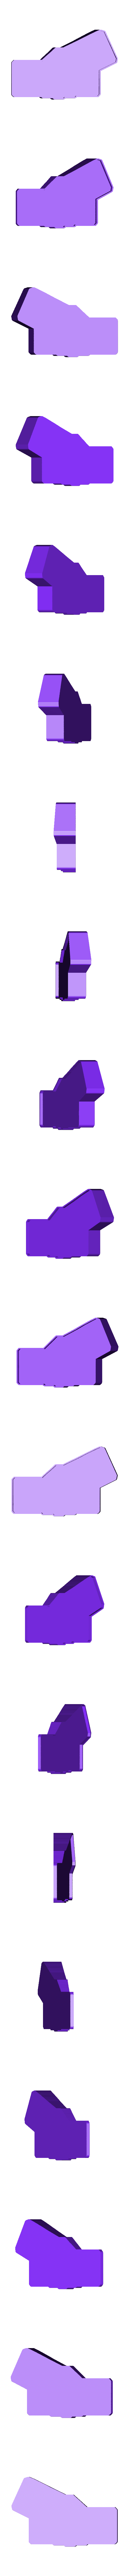 gergo-right-10.stl Télécharger fichier STL gratuit Étui ergonomique pour clavier Gergo • Plan pour imprimante 3D, rsheldiii